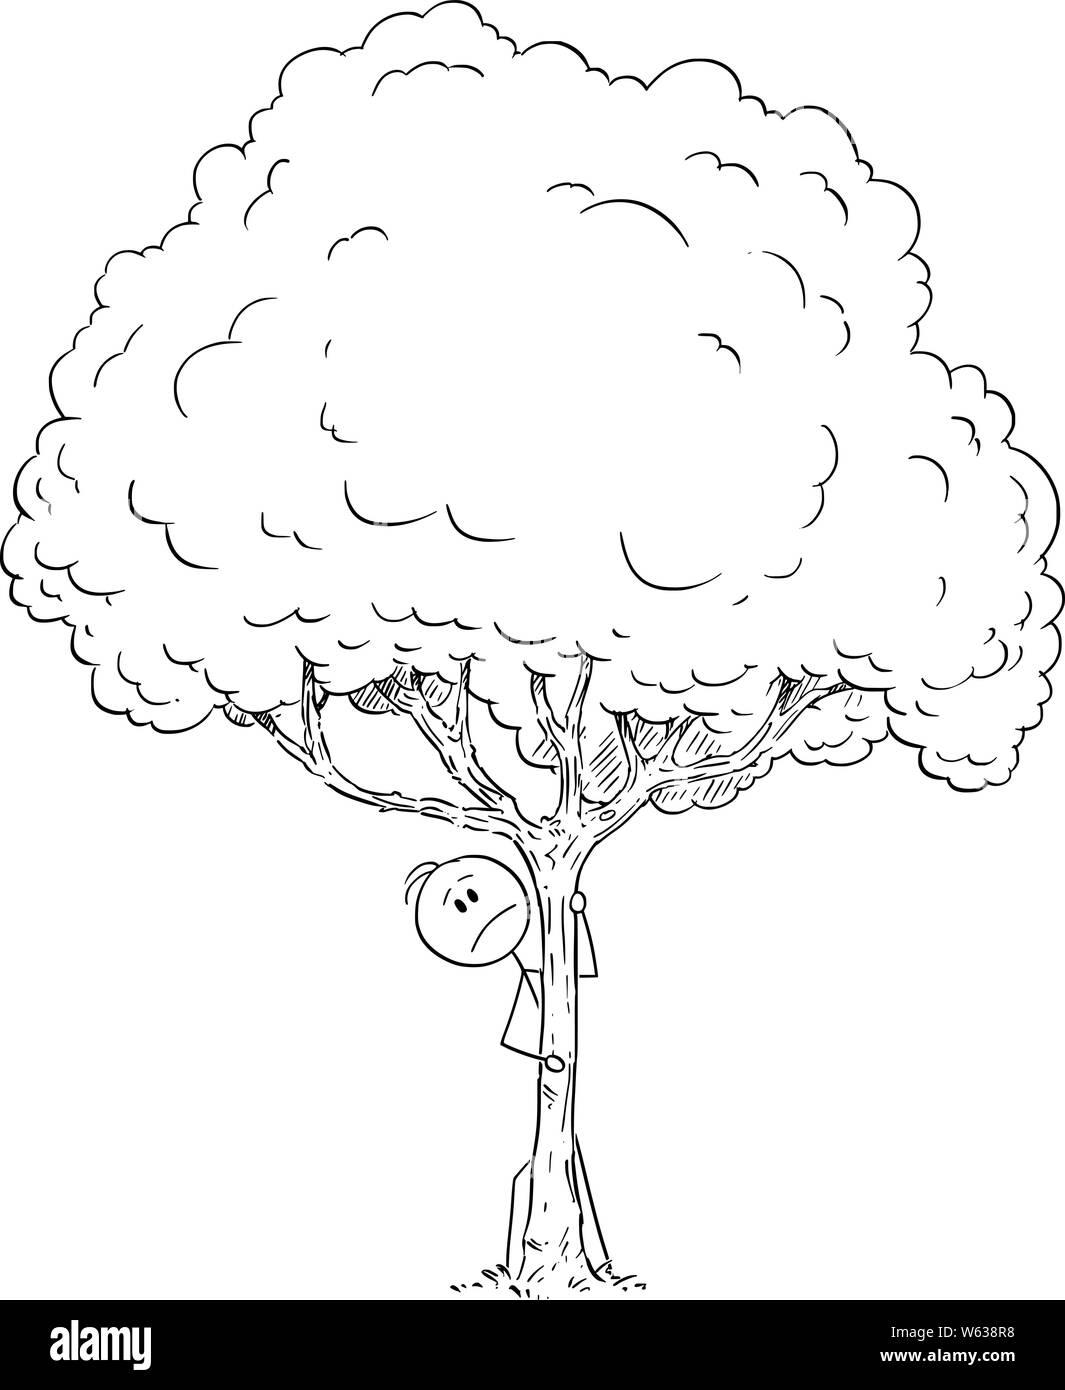 Cartoon vectores stick figura dibujo Ilustración conceptual de temeroso o preocupado o miedo o curiosidad hombre escondiéndose detrás de árbol. Ilustración del Vector